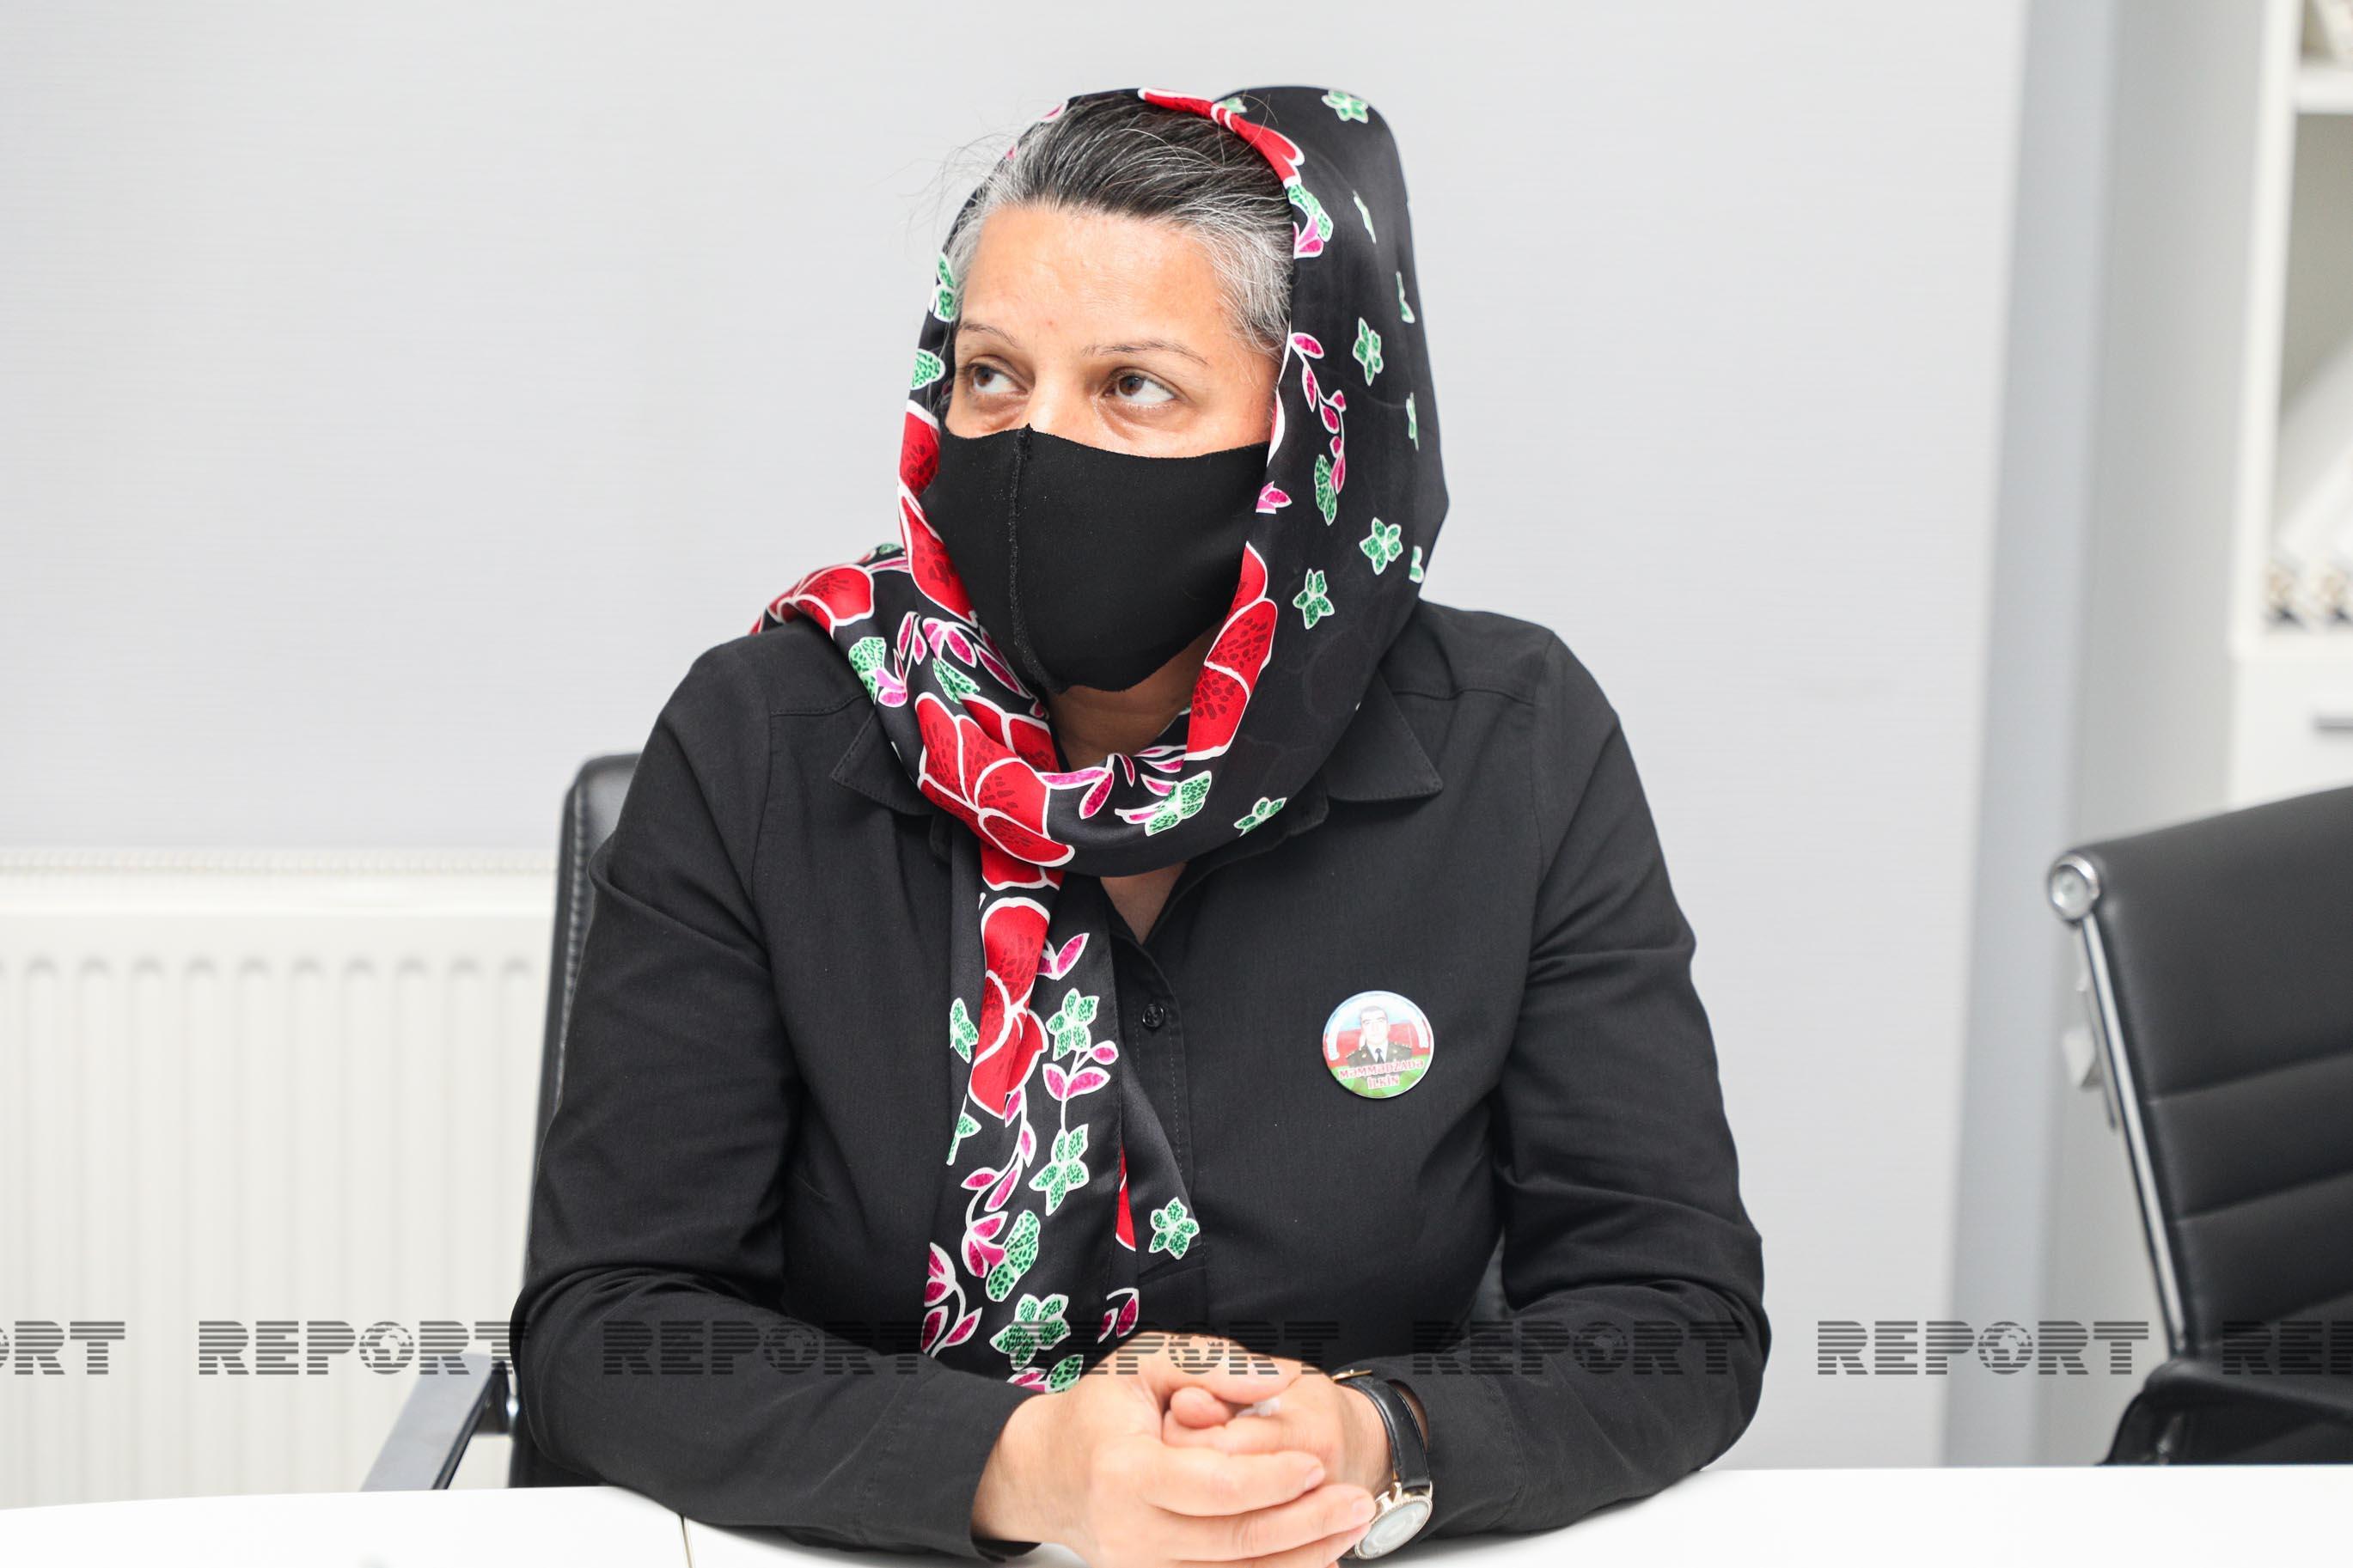 Fatma Məmmədzadə